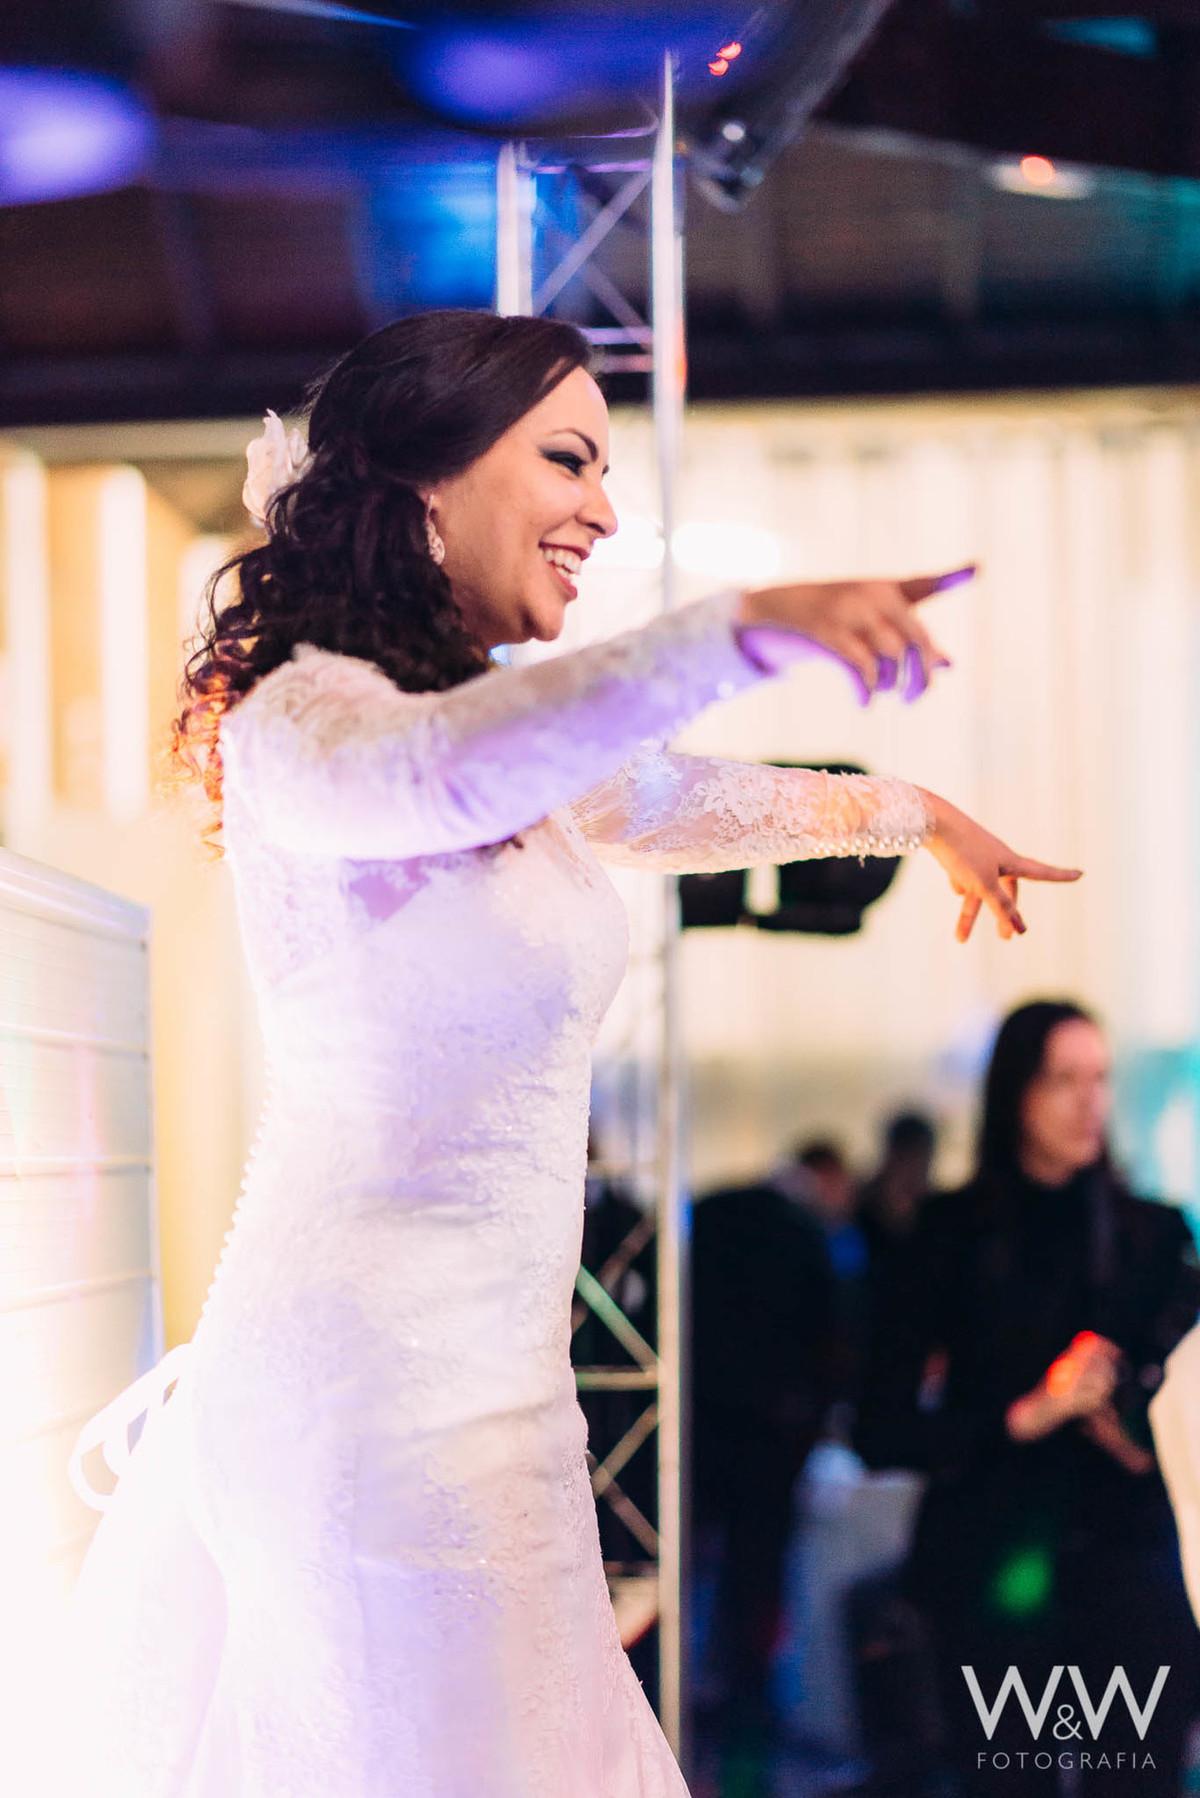 casamento espaco mazetto sbc festa